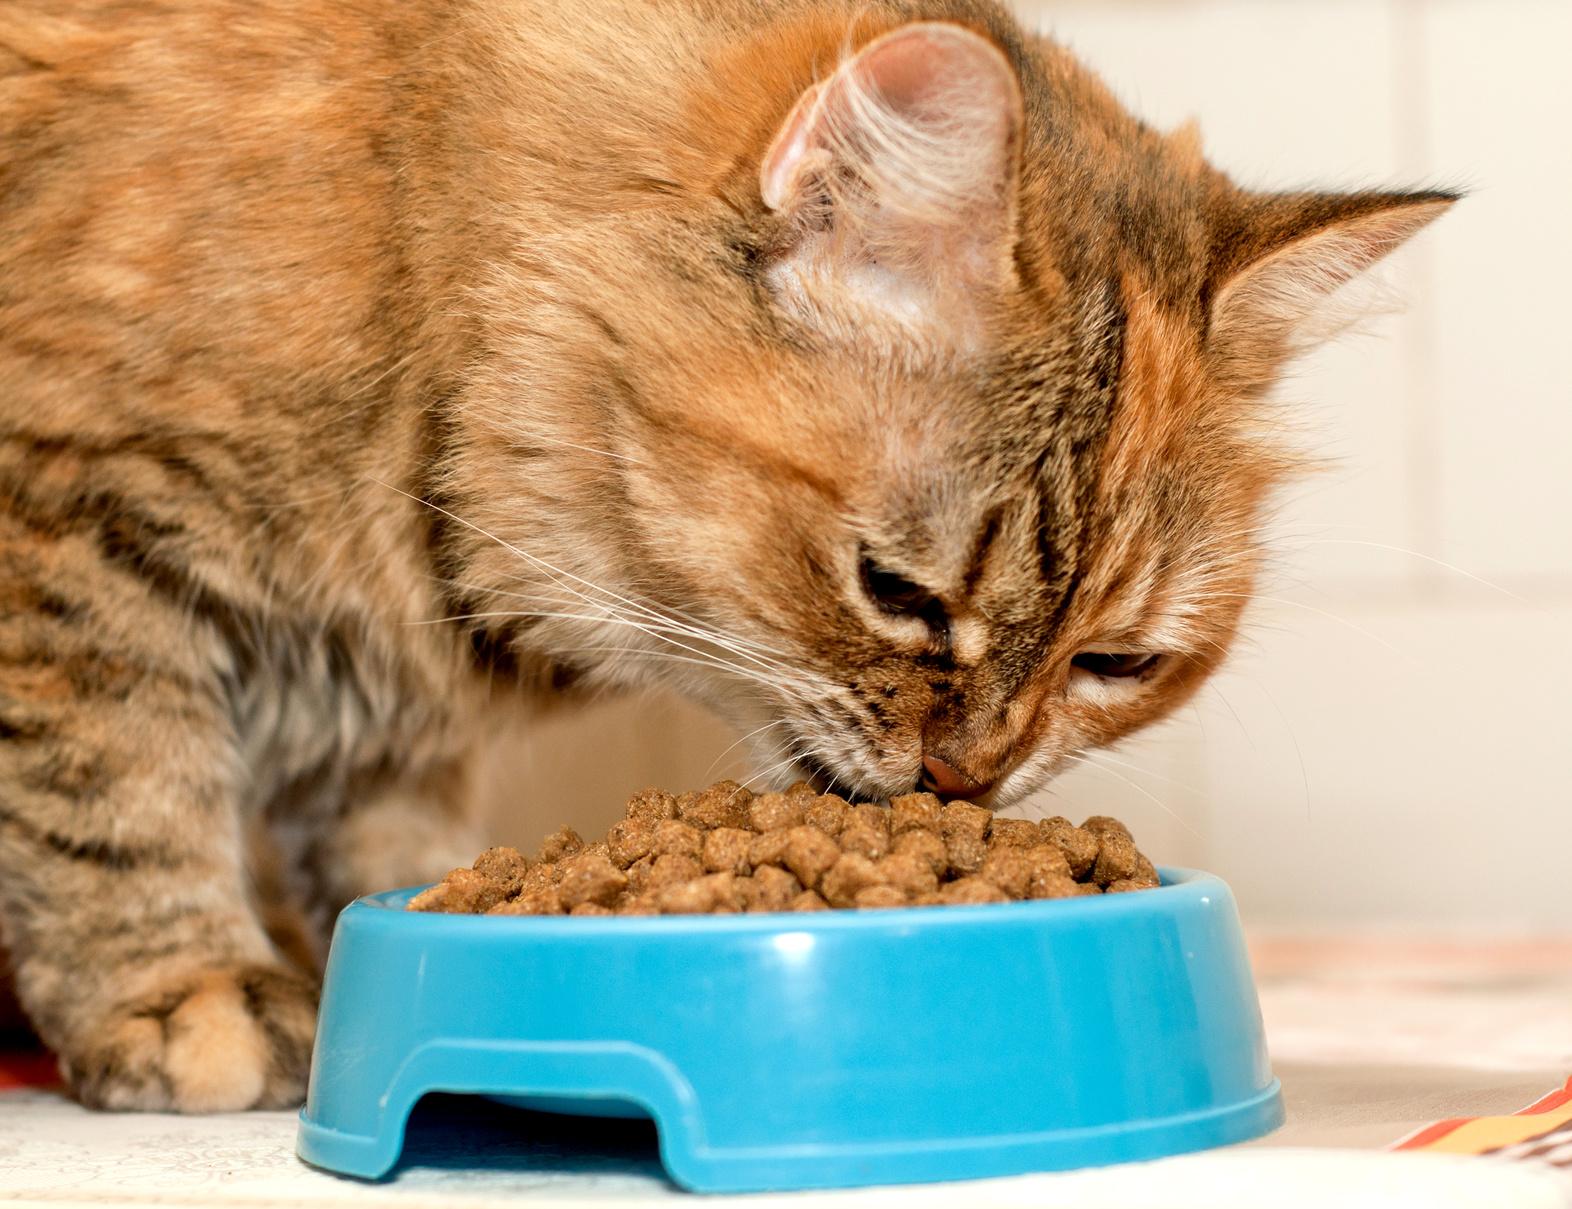 Что делать, если кошка отравилась, возможные симптомы, первая помощь